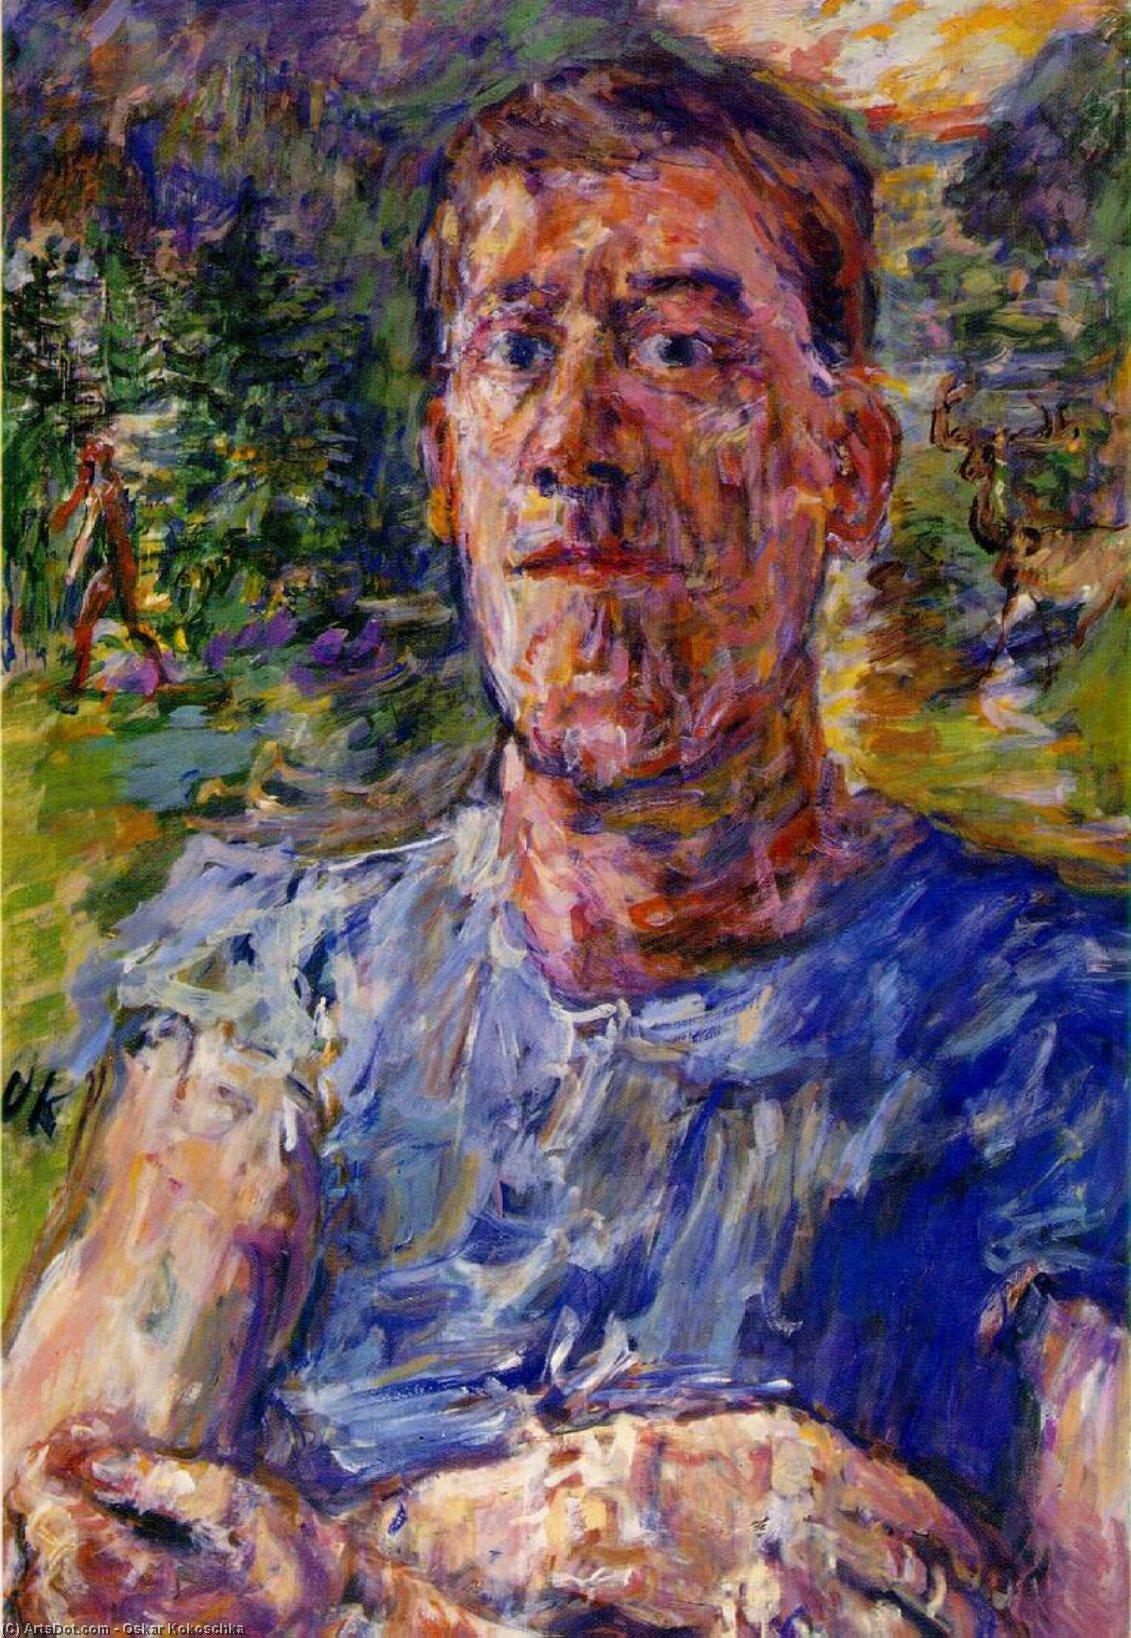 Wikoo.org - موسوعة الفنون الجميلة - اللوحة، العمل الفني Oskar Kokoschka - Self-portrait of a 'Degenerate Artist'